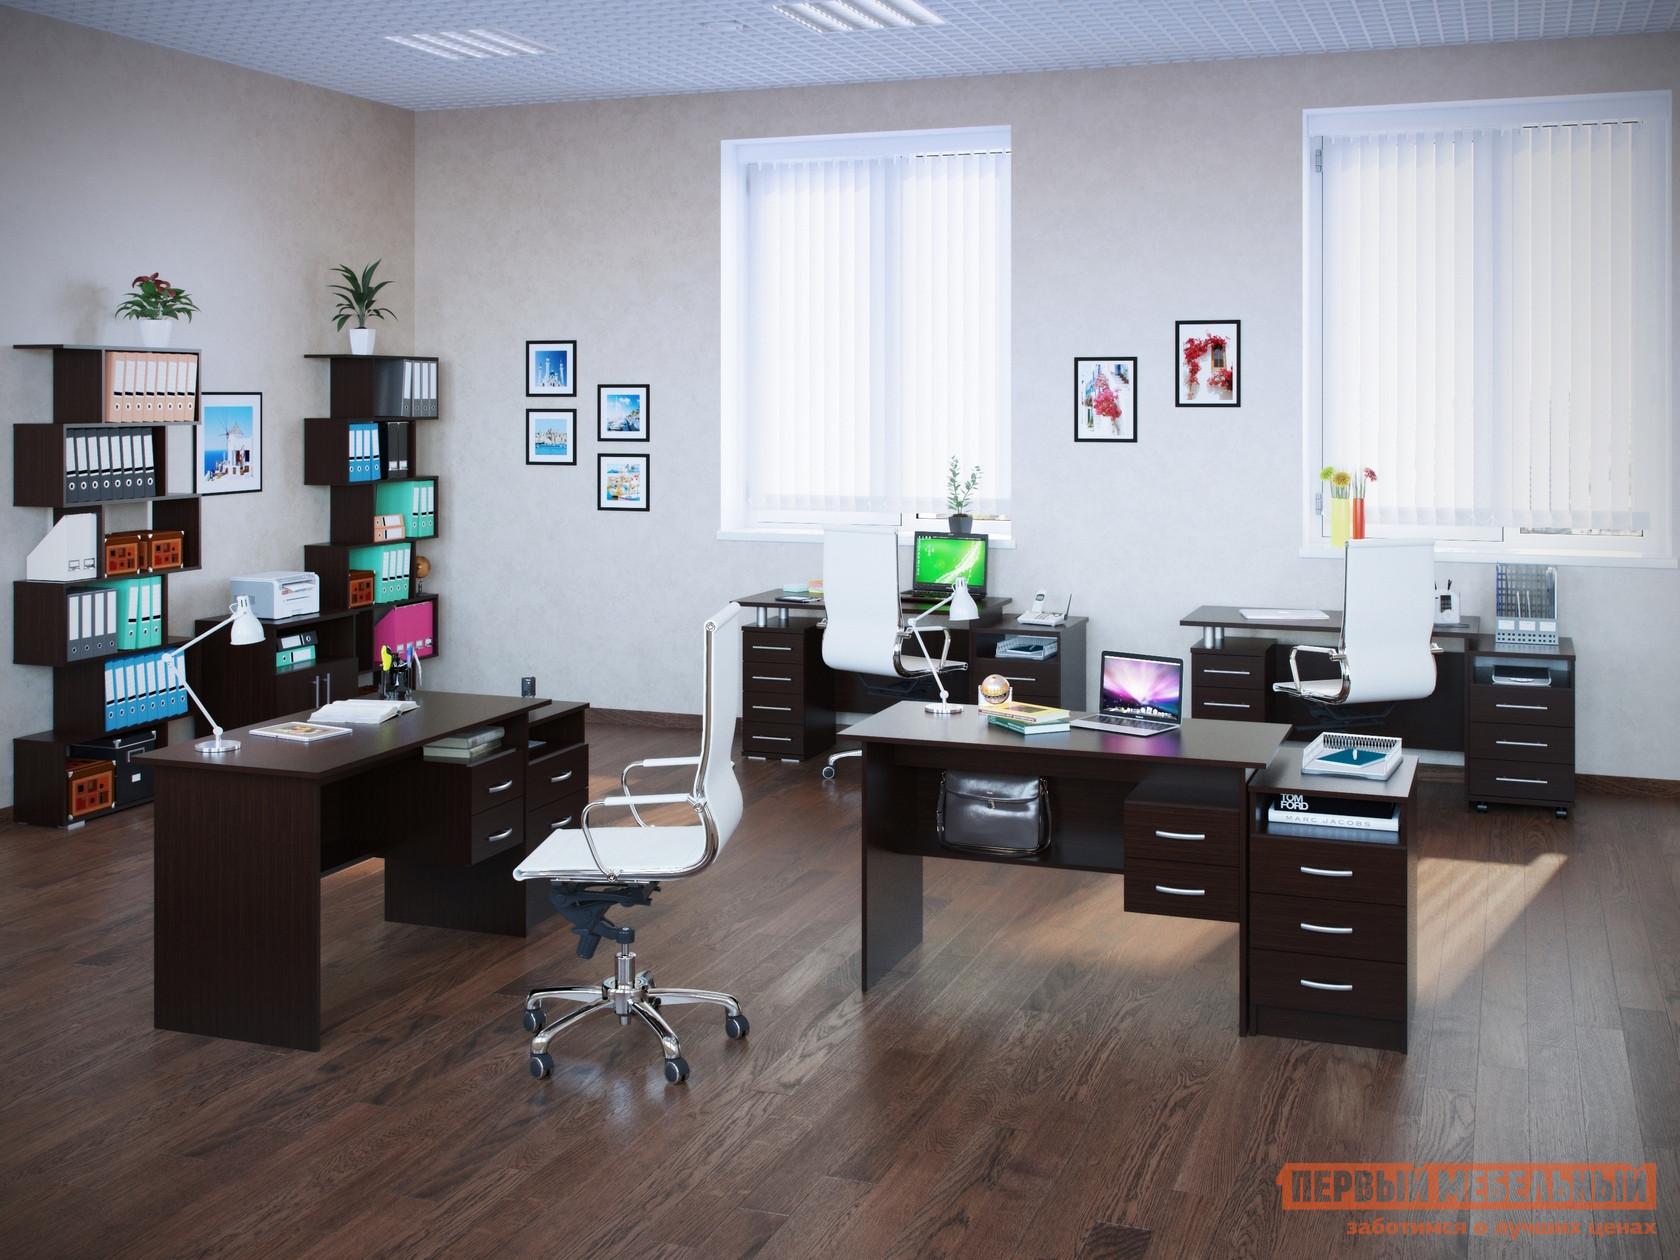 Комплект офисной мебели Сокол Сокол П К3 Венге ВенгеКомплекты офисной мебели<br>Габаритные размеры ВхШхГ xx мм. Функциональный и стильный комплект мебели «Сокол П К3 Венге» для персонала.  Набор рассчитан на четыре рабочих места и включает в себя все необходимые модули для создания удобной и практичной обстановки в офисе. В стоимость комплекта входят:Письменный стол с тумбой (2 шт. )(ВхШхГ): 750 х 1400 х 860 мм. Прямой письменный стол с двумя ящиками (2 шт. ) (ВхШхГ): 740 х 1200 х 600 мм. Мобильная тумба с ящиками (2 шт. ) (ВхШхГ): 674 х 404 х 571 мм. Мобильная тумба для оргтехники (ВхШхГ): 694 х 600 х 446 мм. Приставная тумба с ящиками (2 шт. ) (ВхШхГ): 674 х 404 х 571 мм. Стеллаж открытый (2 шт. ) (ВхШхГ): 1908 х 800 х 252 мм. Мебель изготавливается из ЛДСП толщиной 22 и 16 мм, края обработаны кромкой ПВХ 2 и 0,4 мм.  В ящиках используются роликовые направляющие. Рекомендуем сохранить инструкции по сборке (паспорт изделия) до истечения гарантийного срока.<br><br>Цвет: Венге<br>Цвет: Венге<br>Форма поставки: В разобранном виде<br>Срок гарантии: 2 года